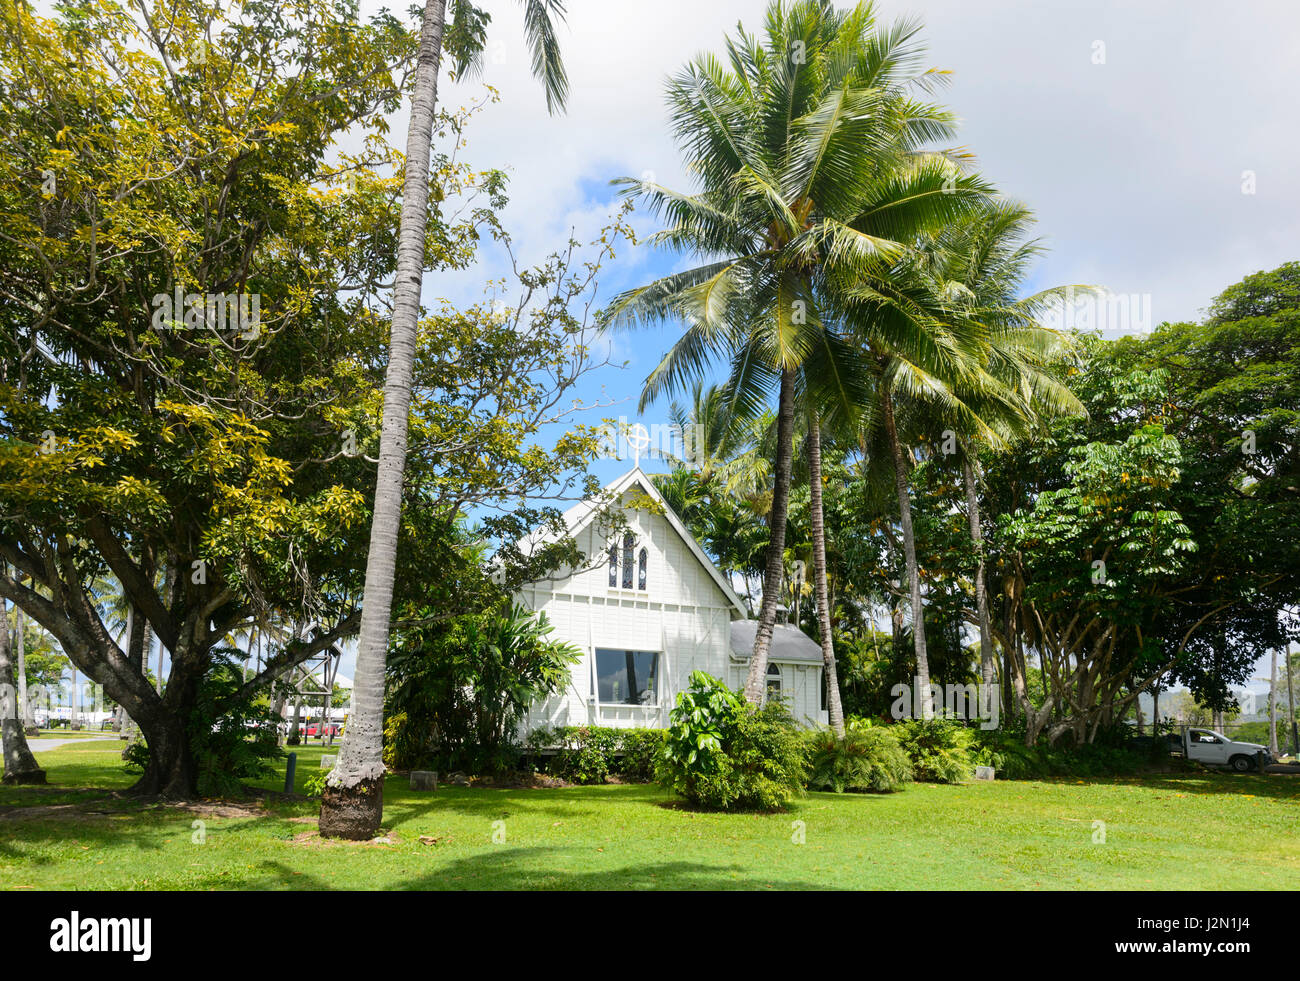 Quartier historique de St Mary's by the Sea, l'église en bois blanc, Port Douglas, Far North Queensland, Photo Stock